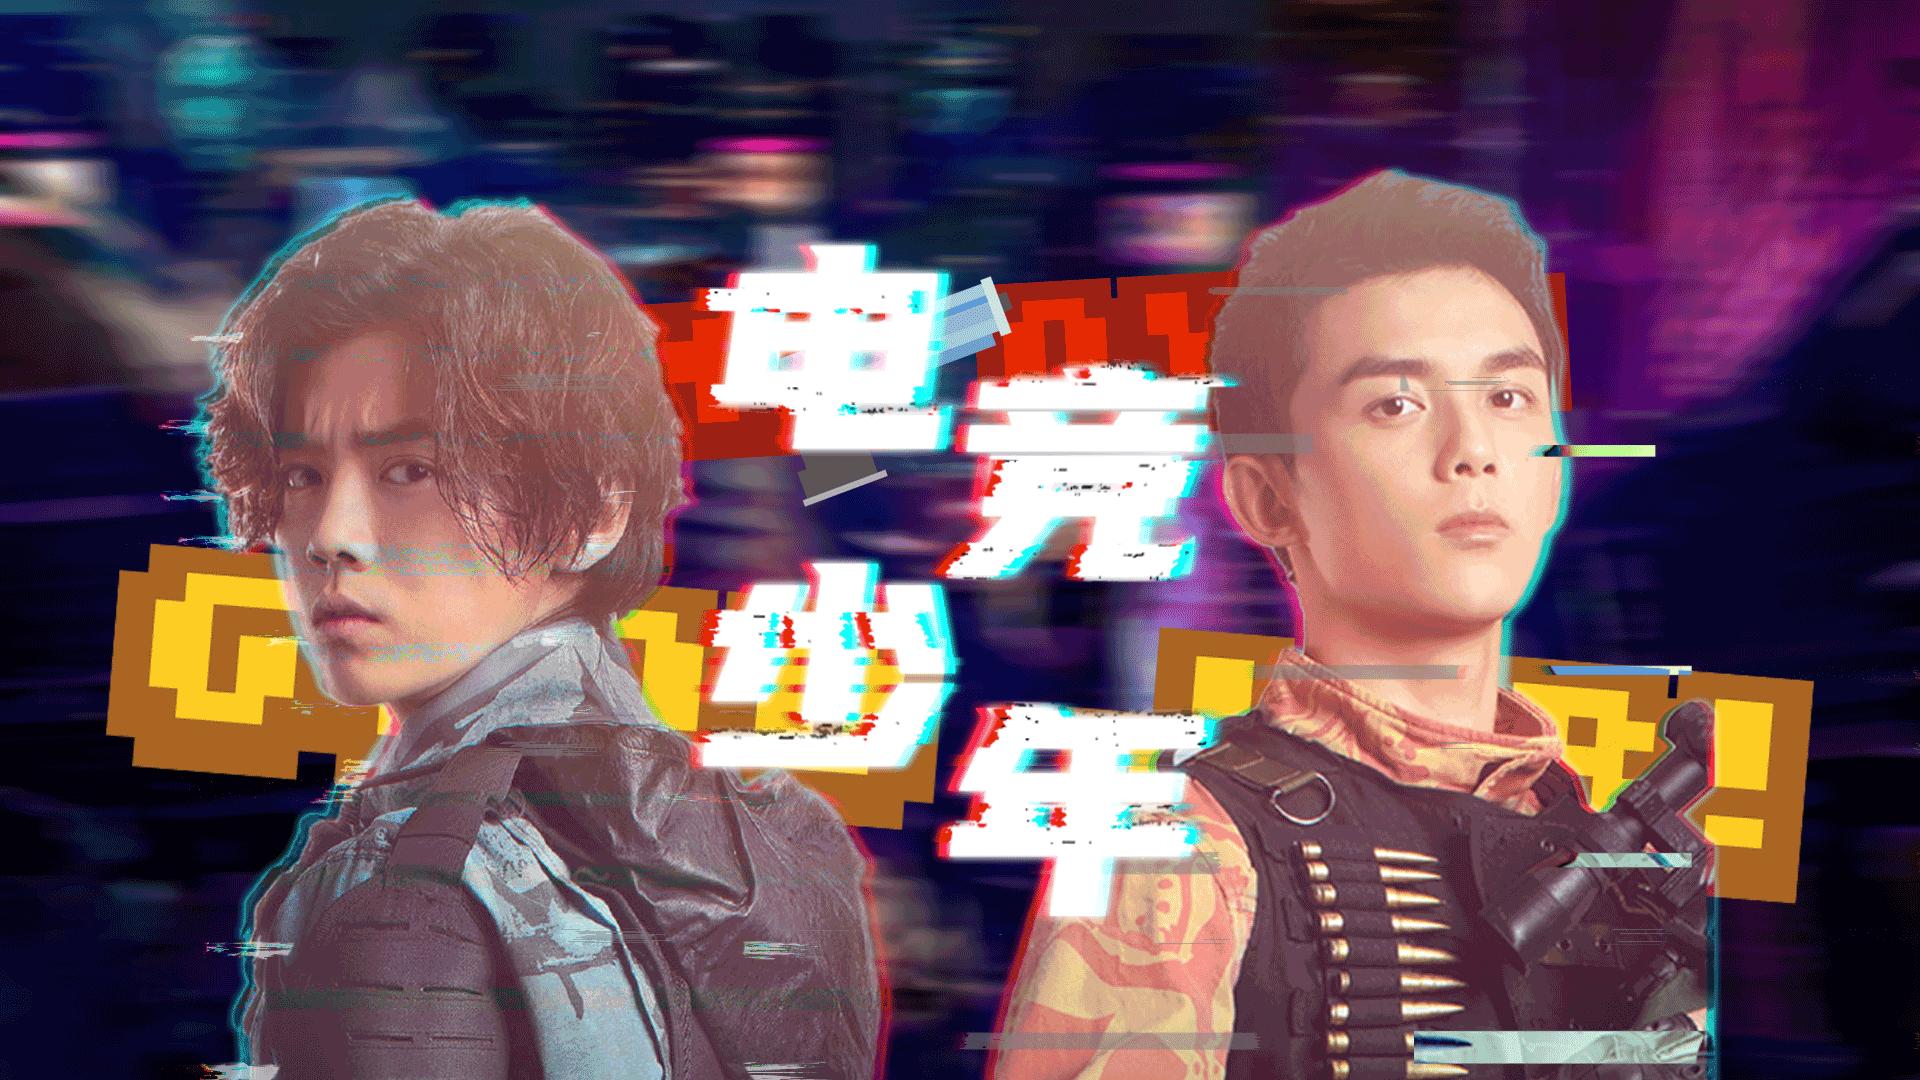 鹿晗翻身作!演技被赞有进步,原型是中国电竞第一人?